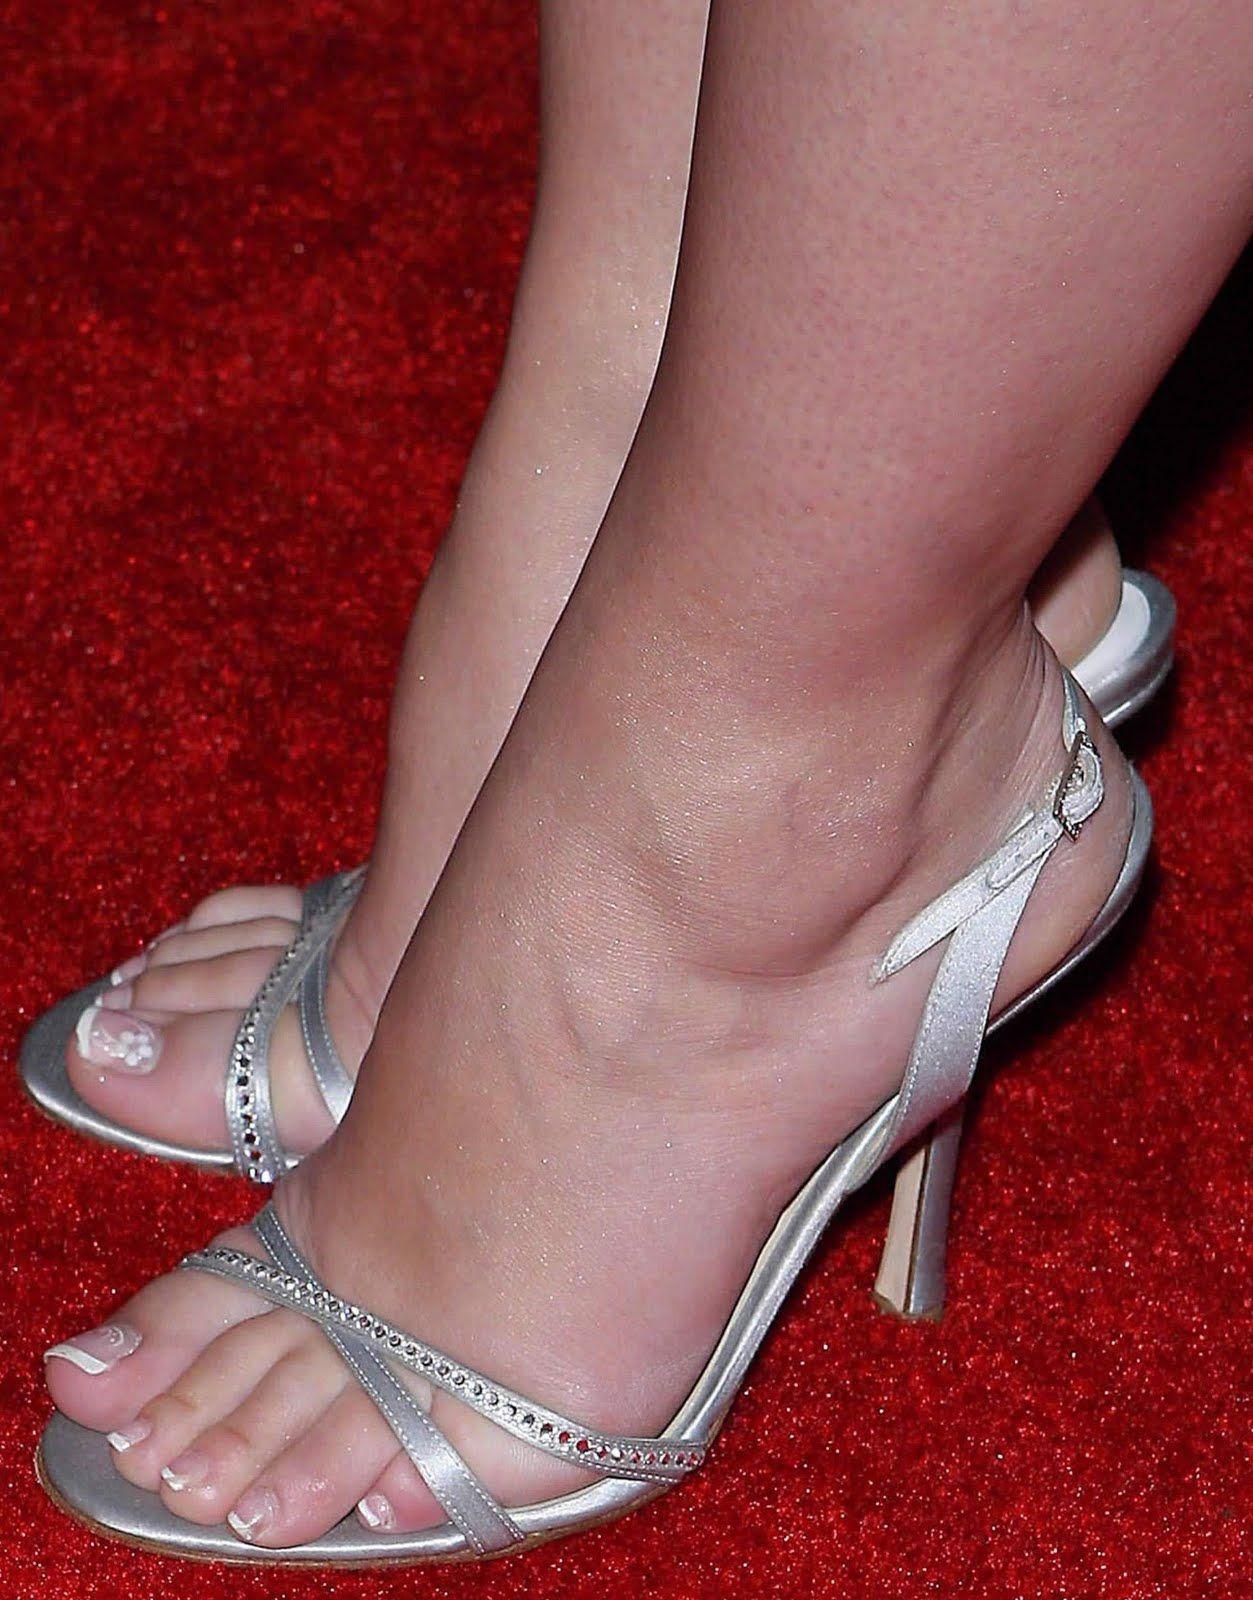 Jennifer love hewitt foot